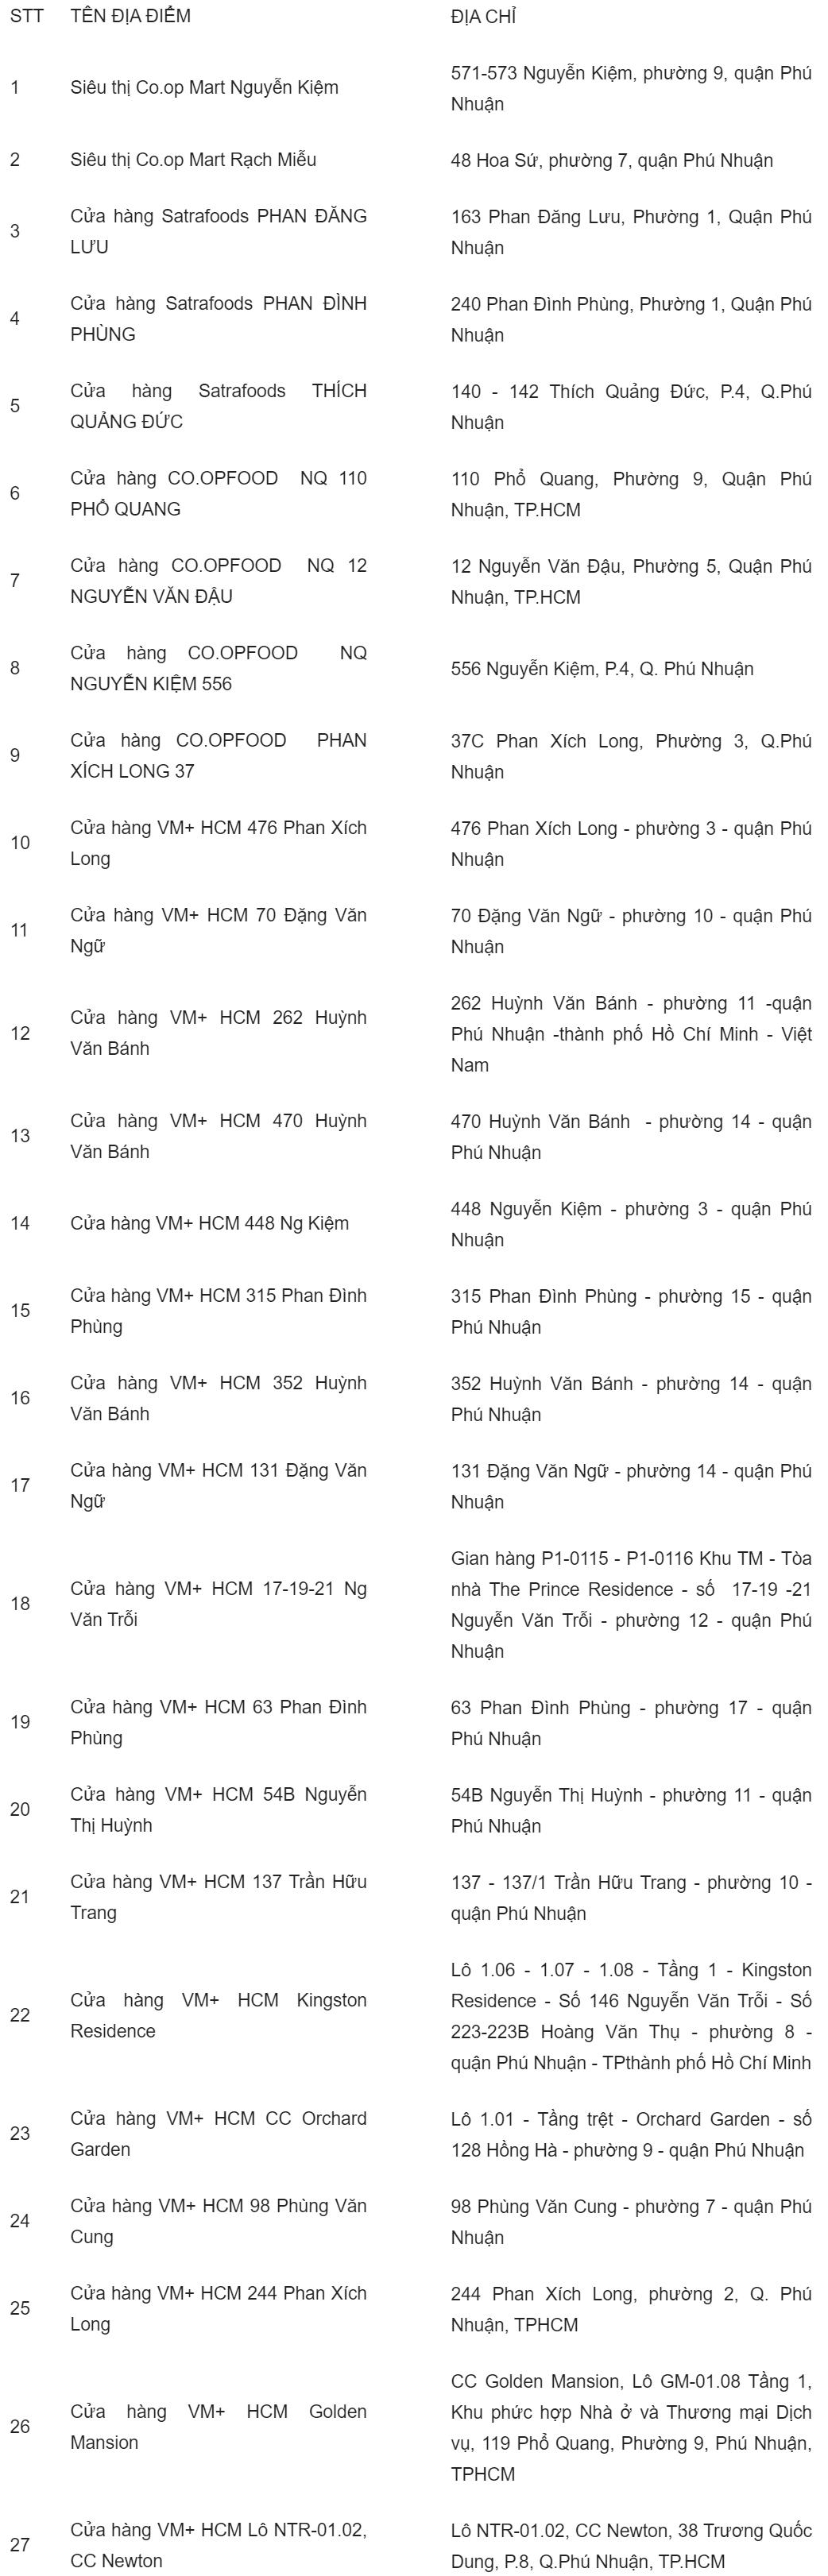 danh sách địa điểm bán khẩu trang phú nhuận